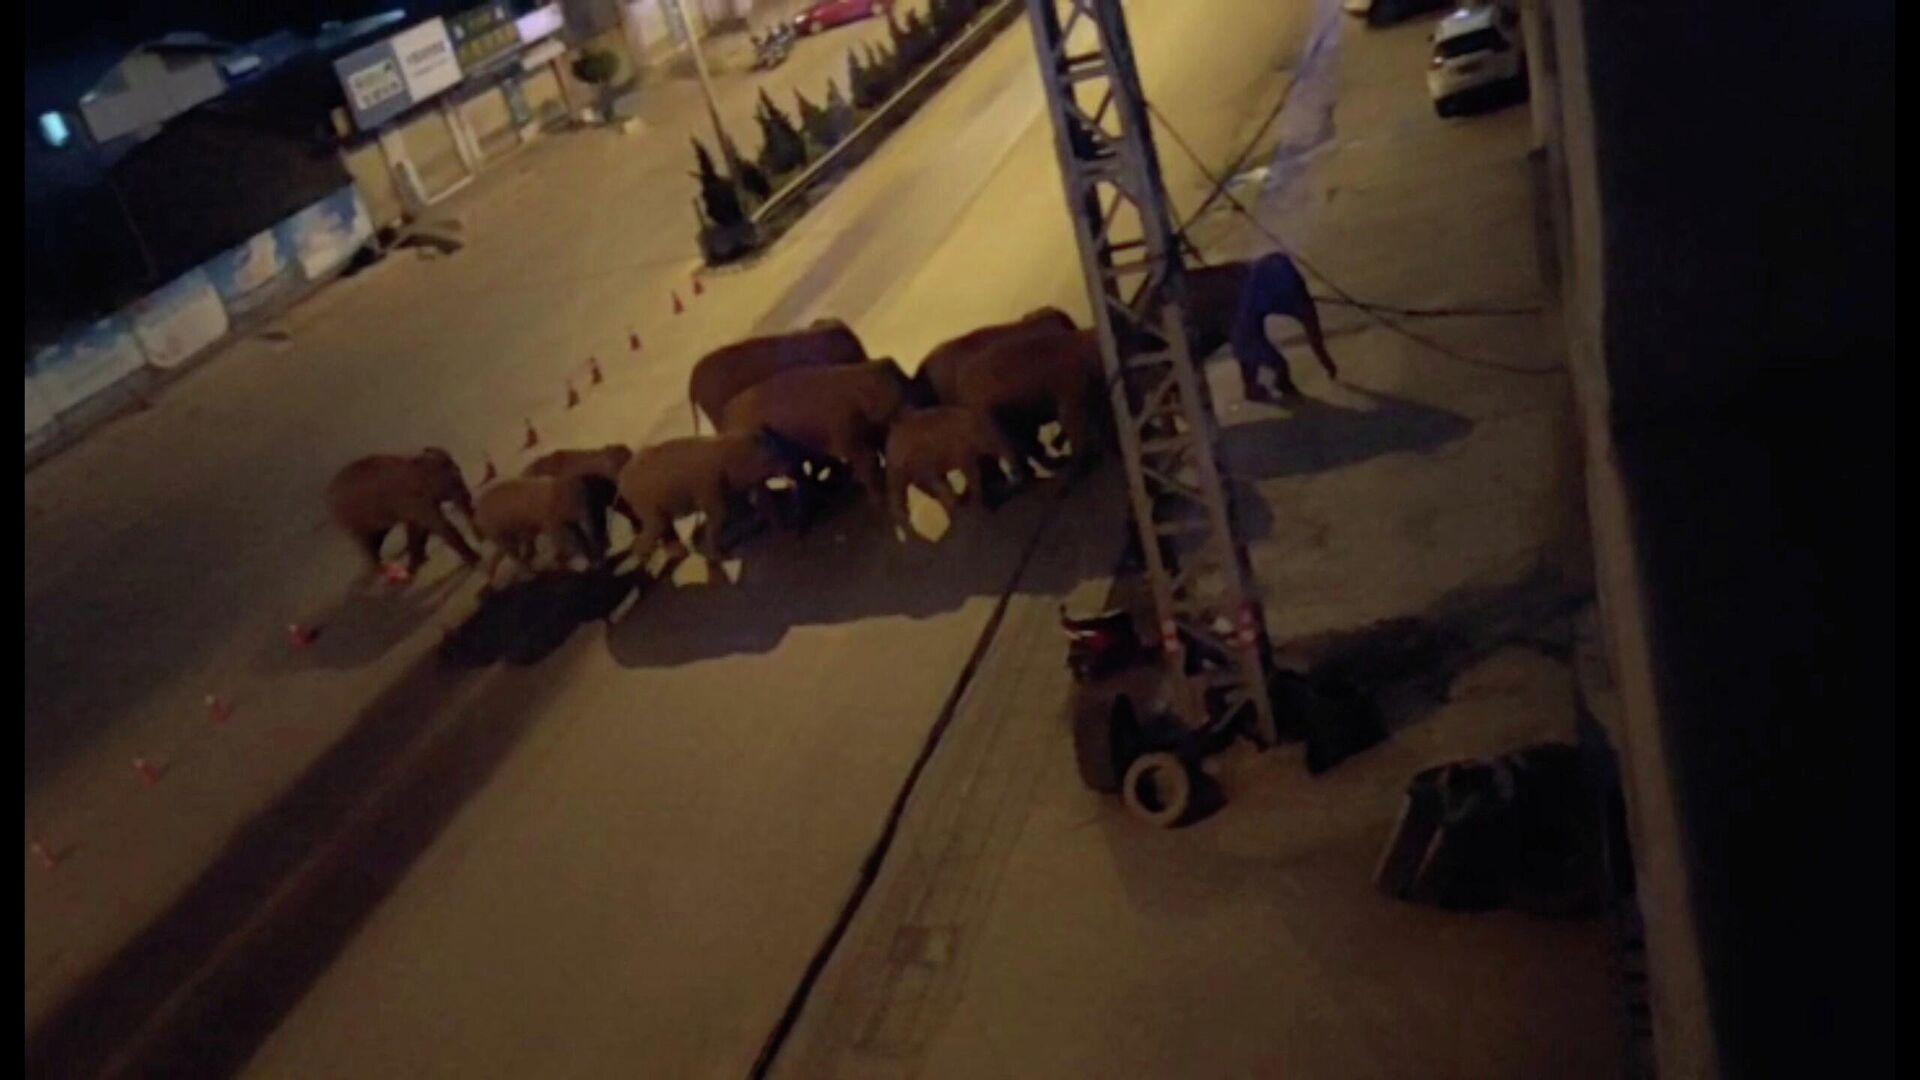 Una manada de elefantes camina por una carretera en Eshan, Yunan, China, el 27 de mayo de 2021 - Sputnik Mundo, 1920, 03.06.2021